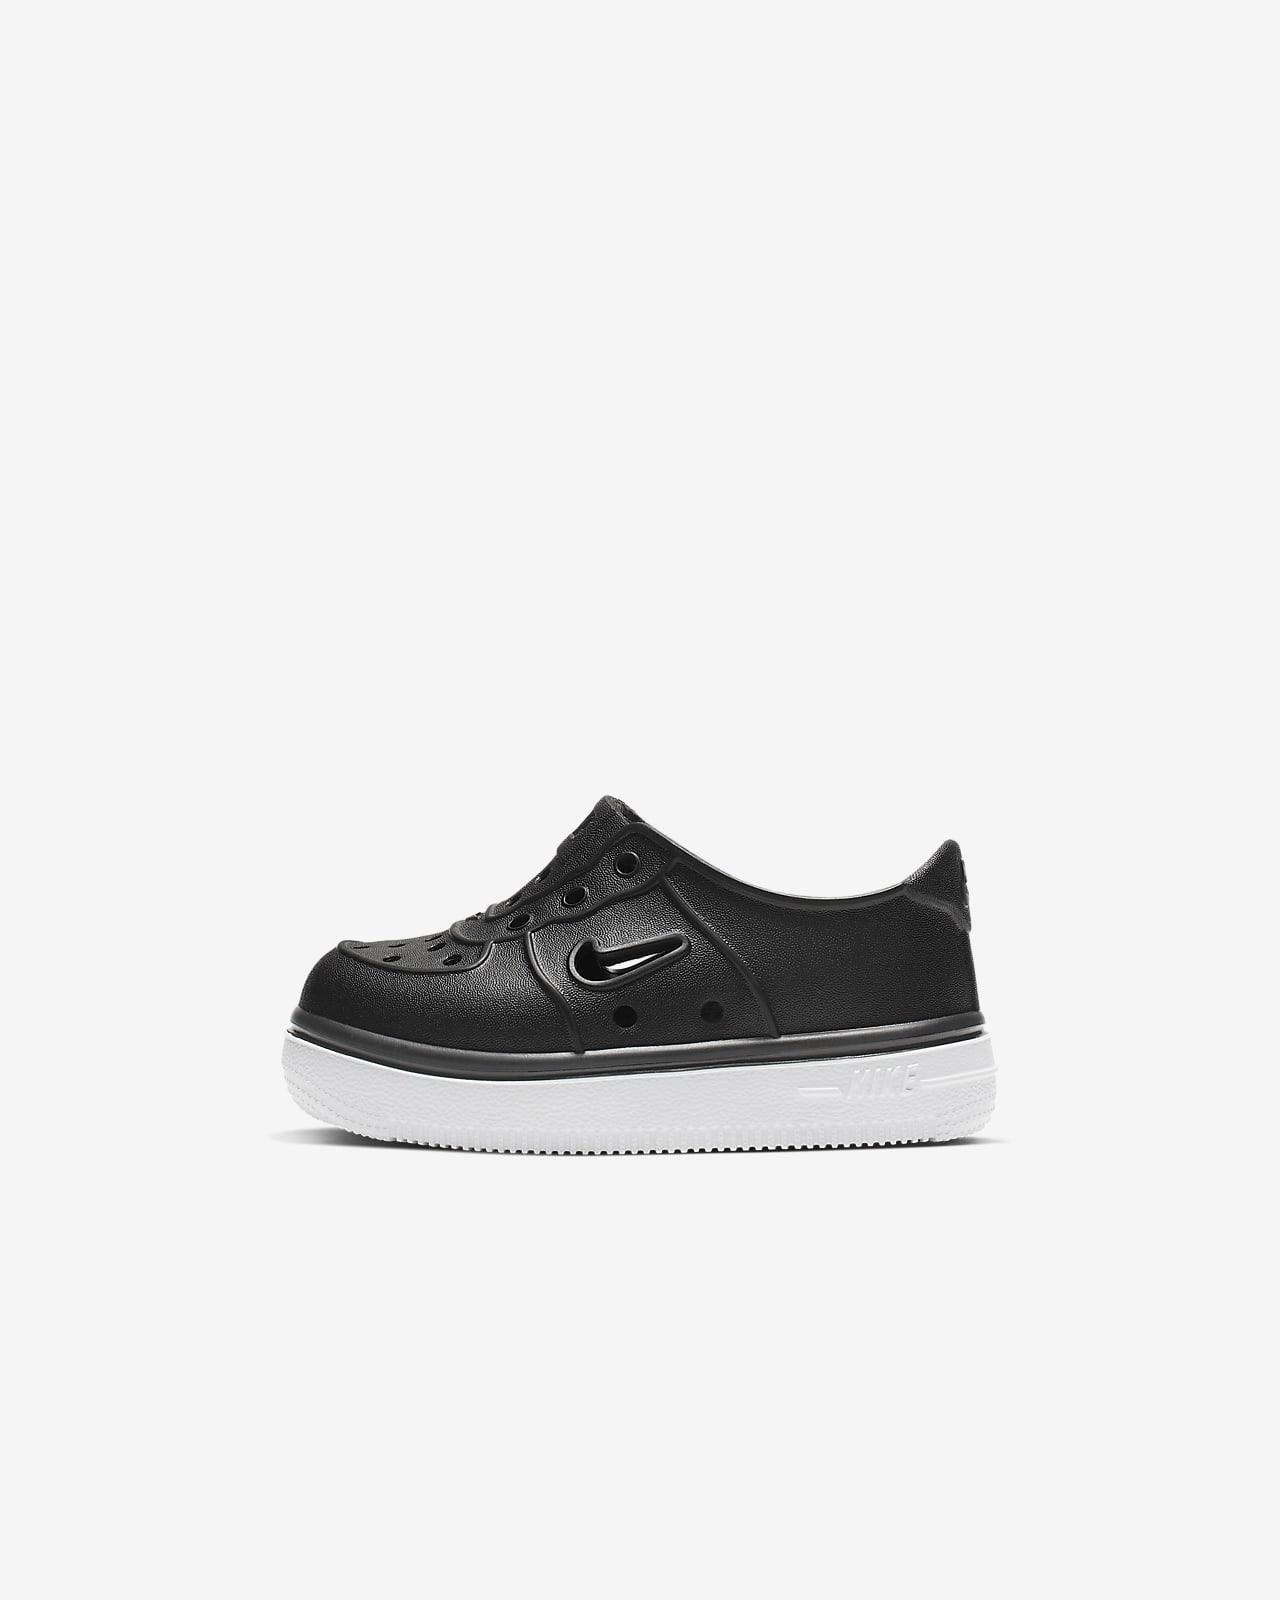 Nike Foam Force 1 嬰幼兒鞋款